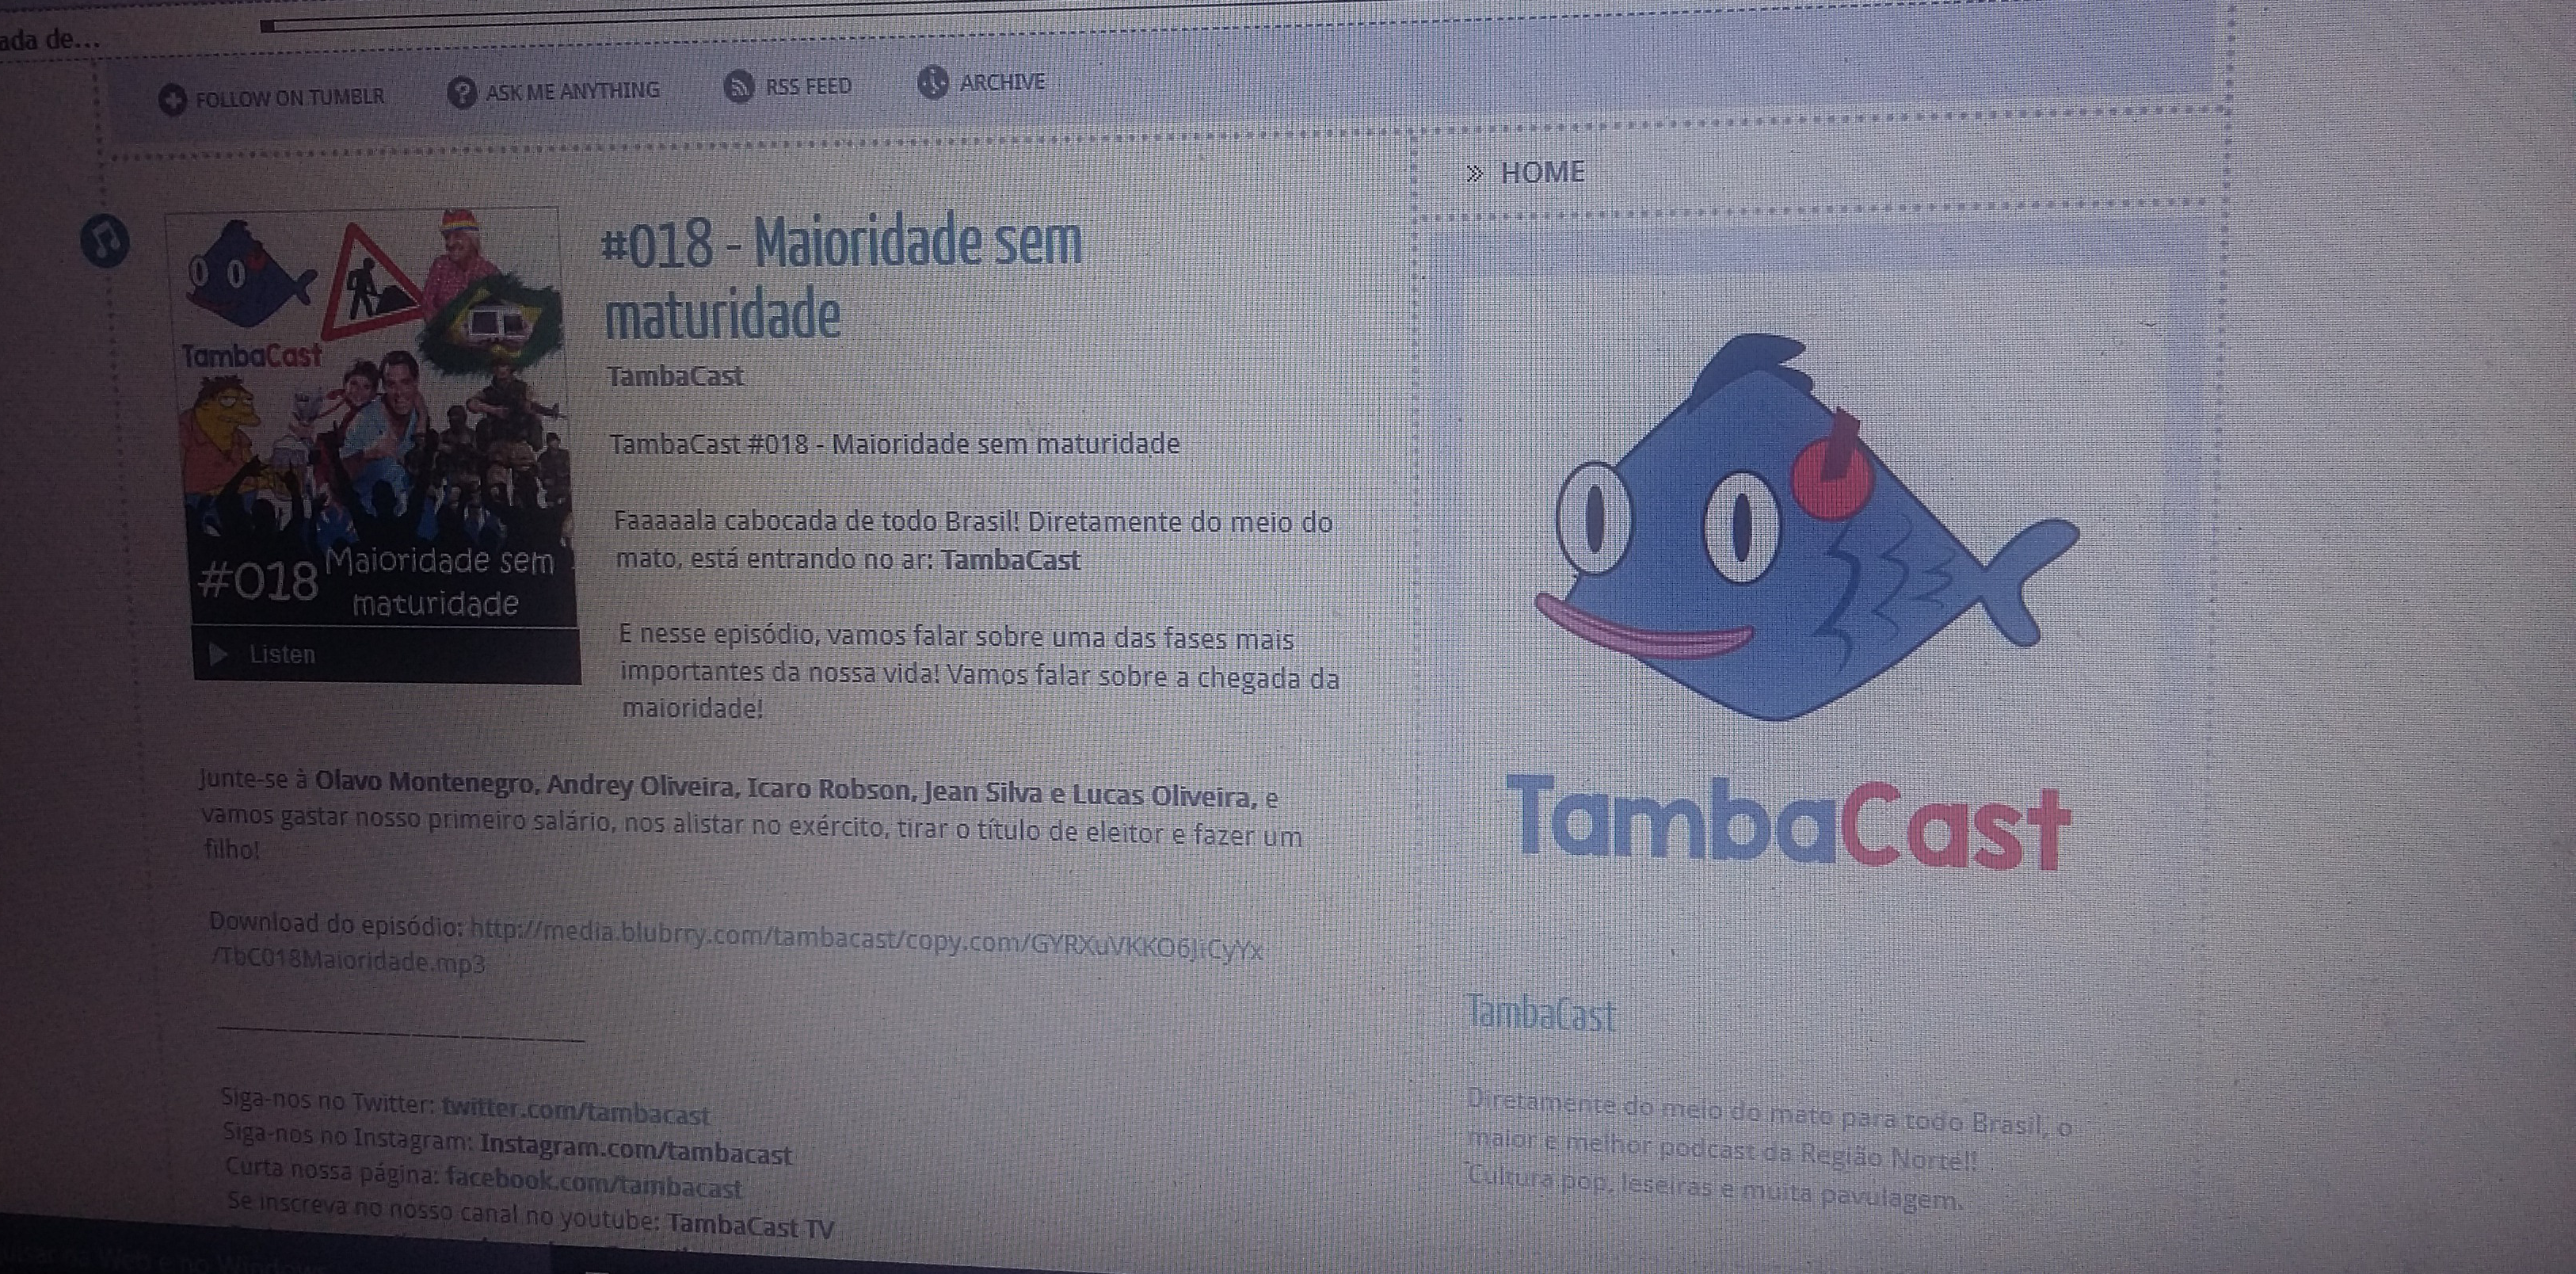 Entrevistamos o Podcast Tambacast